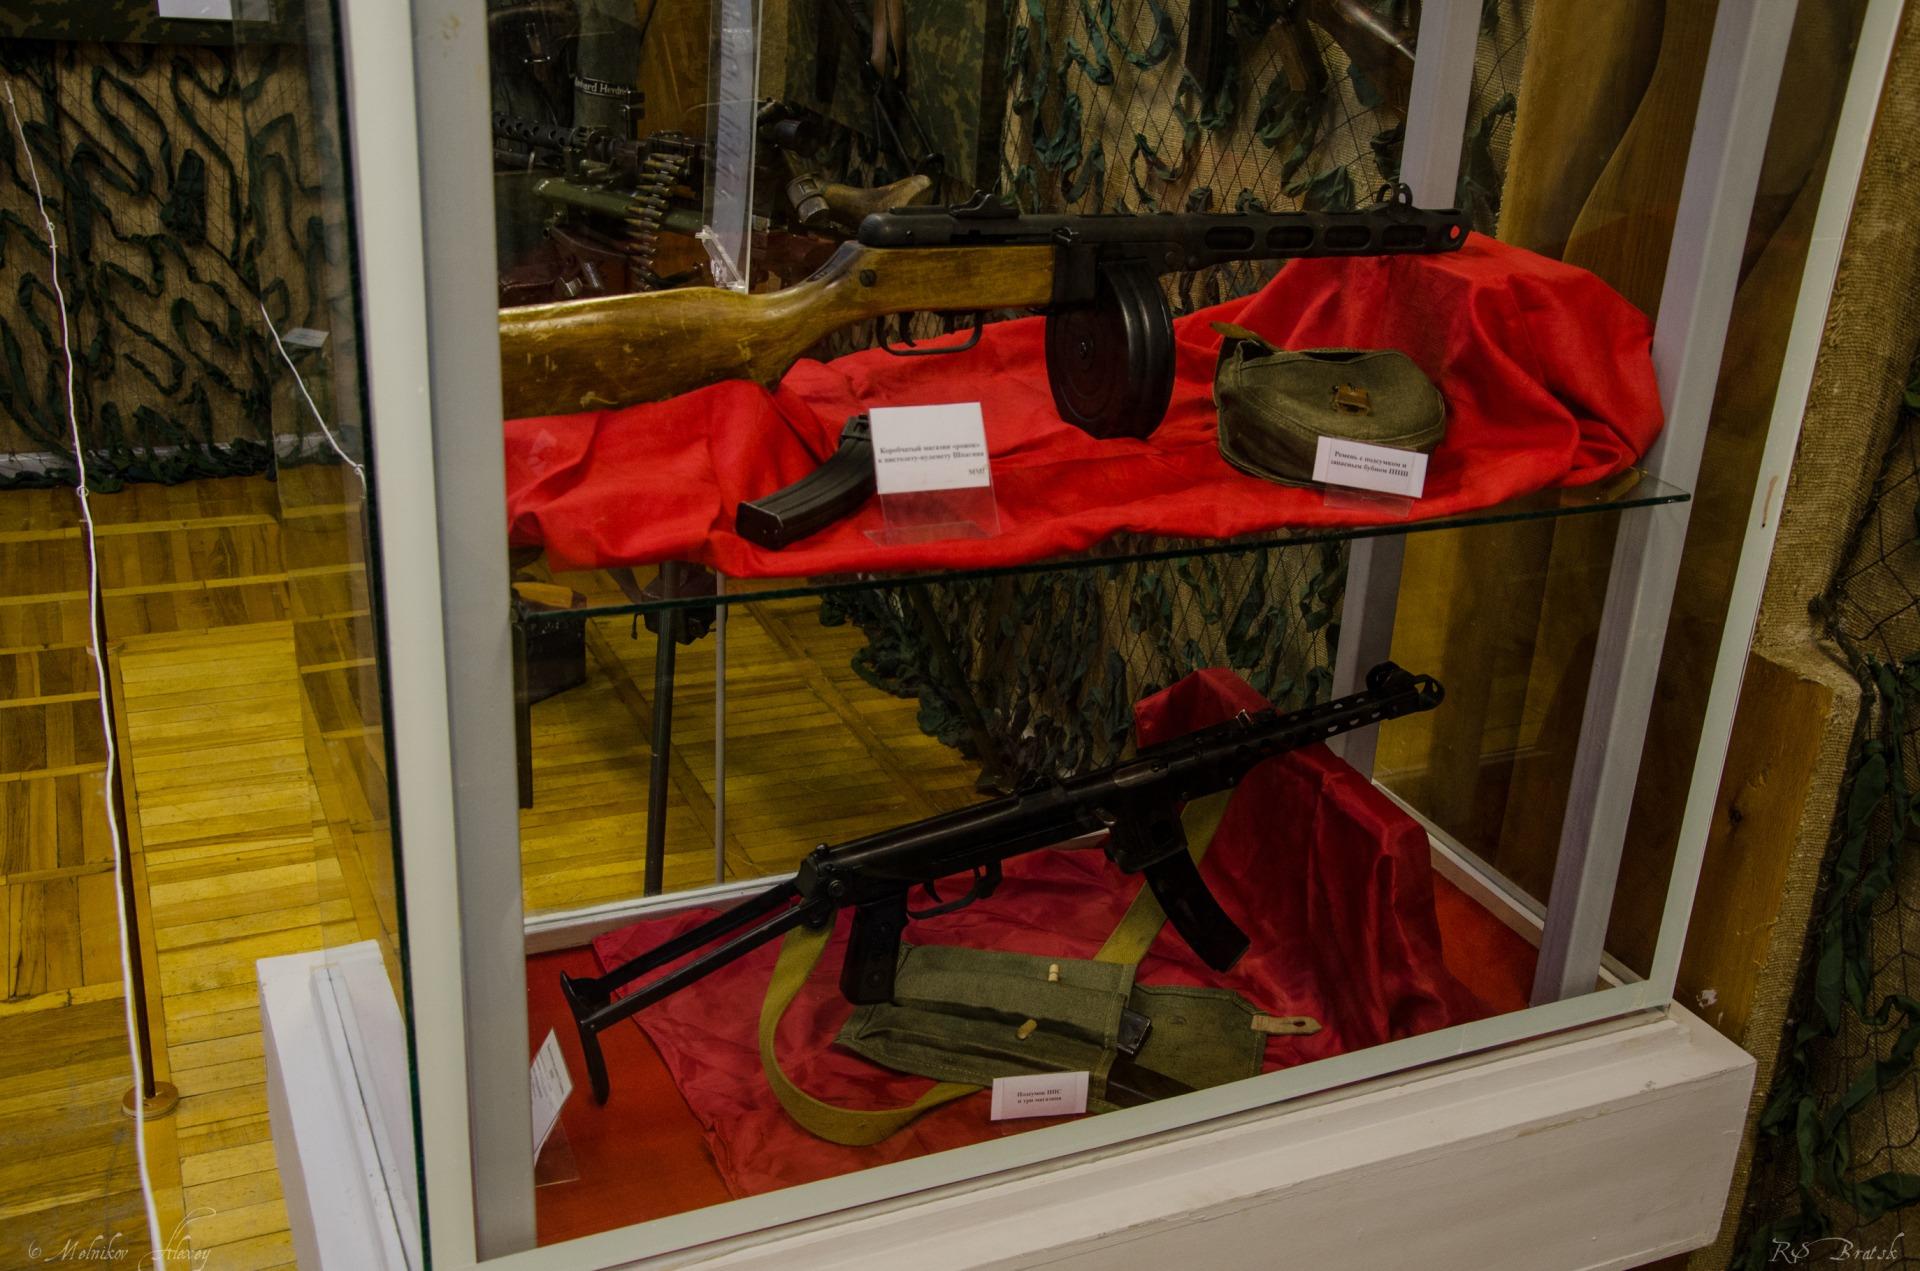 ППШ (пистолет-пулемет Шпагина) и ППС (пистолет-пулемет Судаева)